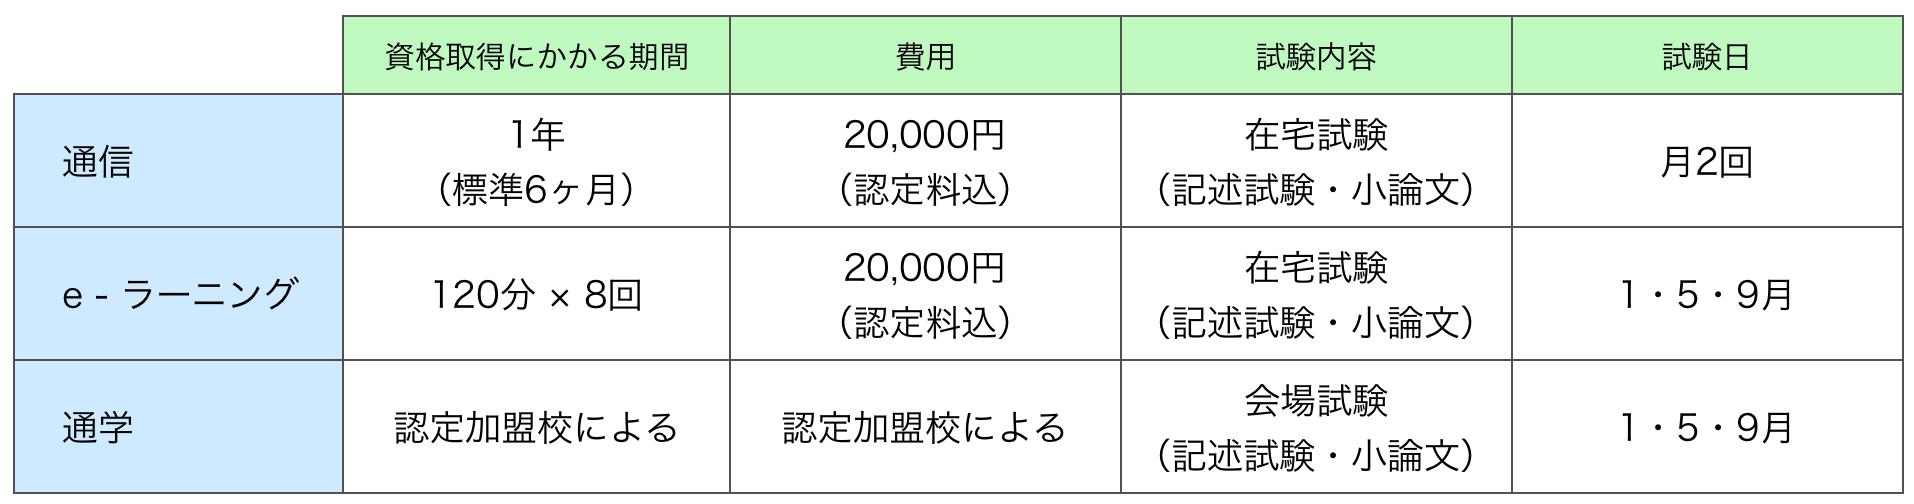 学習スタイル別チャイルドケアコーディネーターの資格取得にかかる期間や試験内容の一覧表